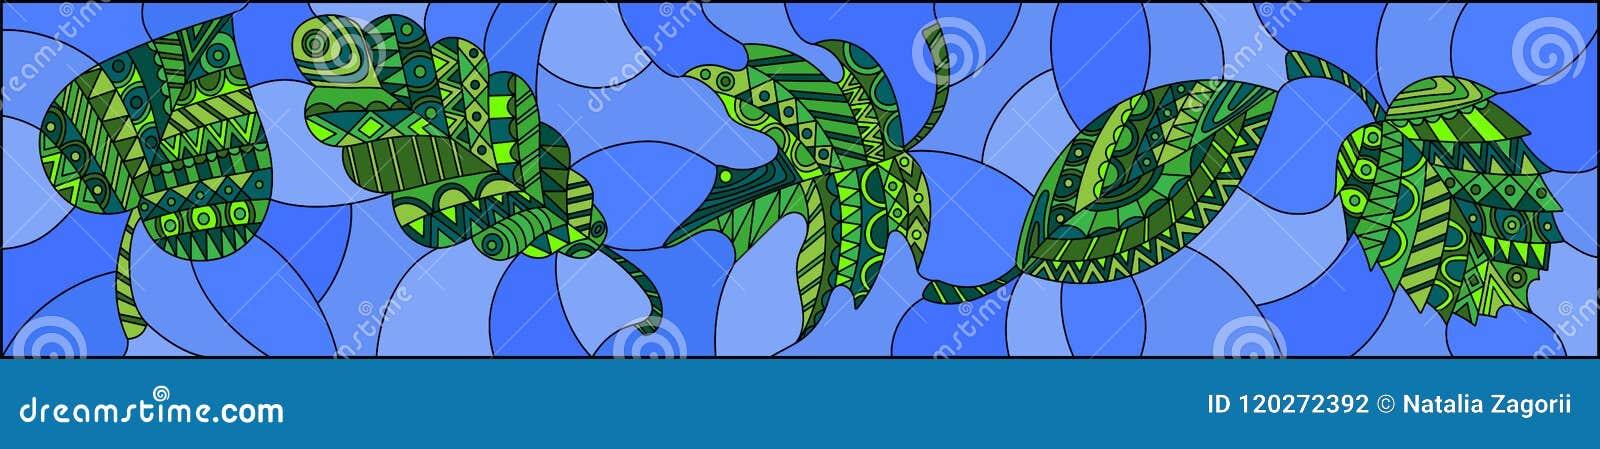 Ilustração do vitral com as folhas modeladas no fundo azul, orientação horizontal